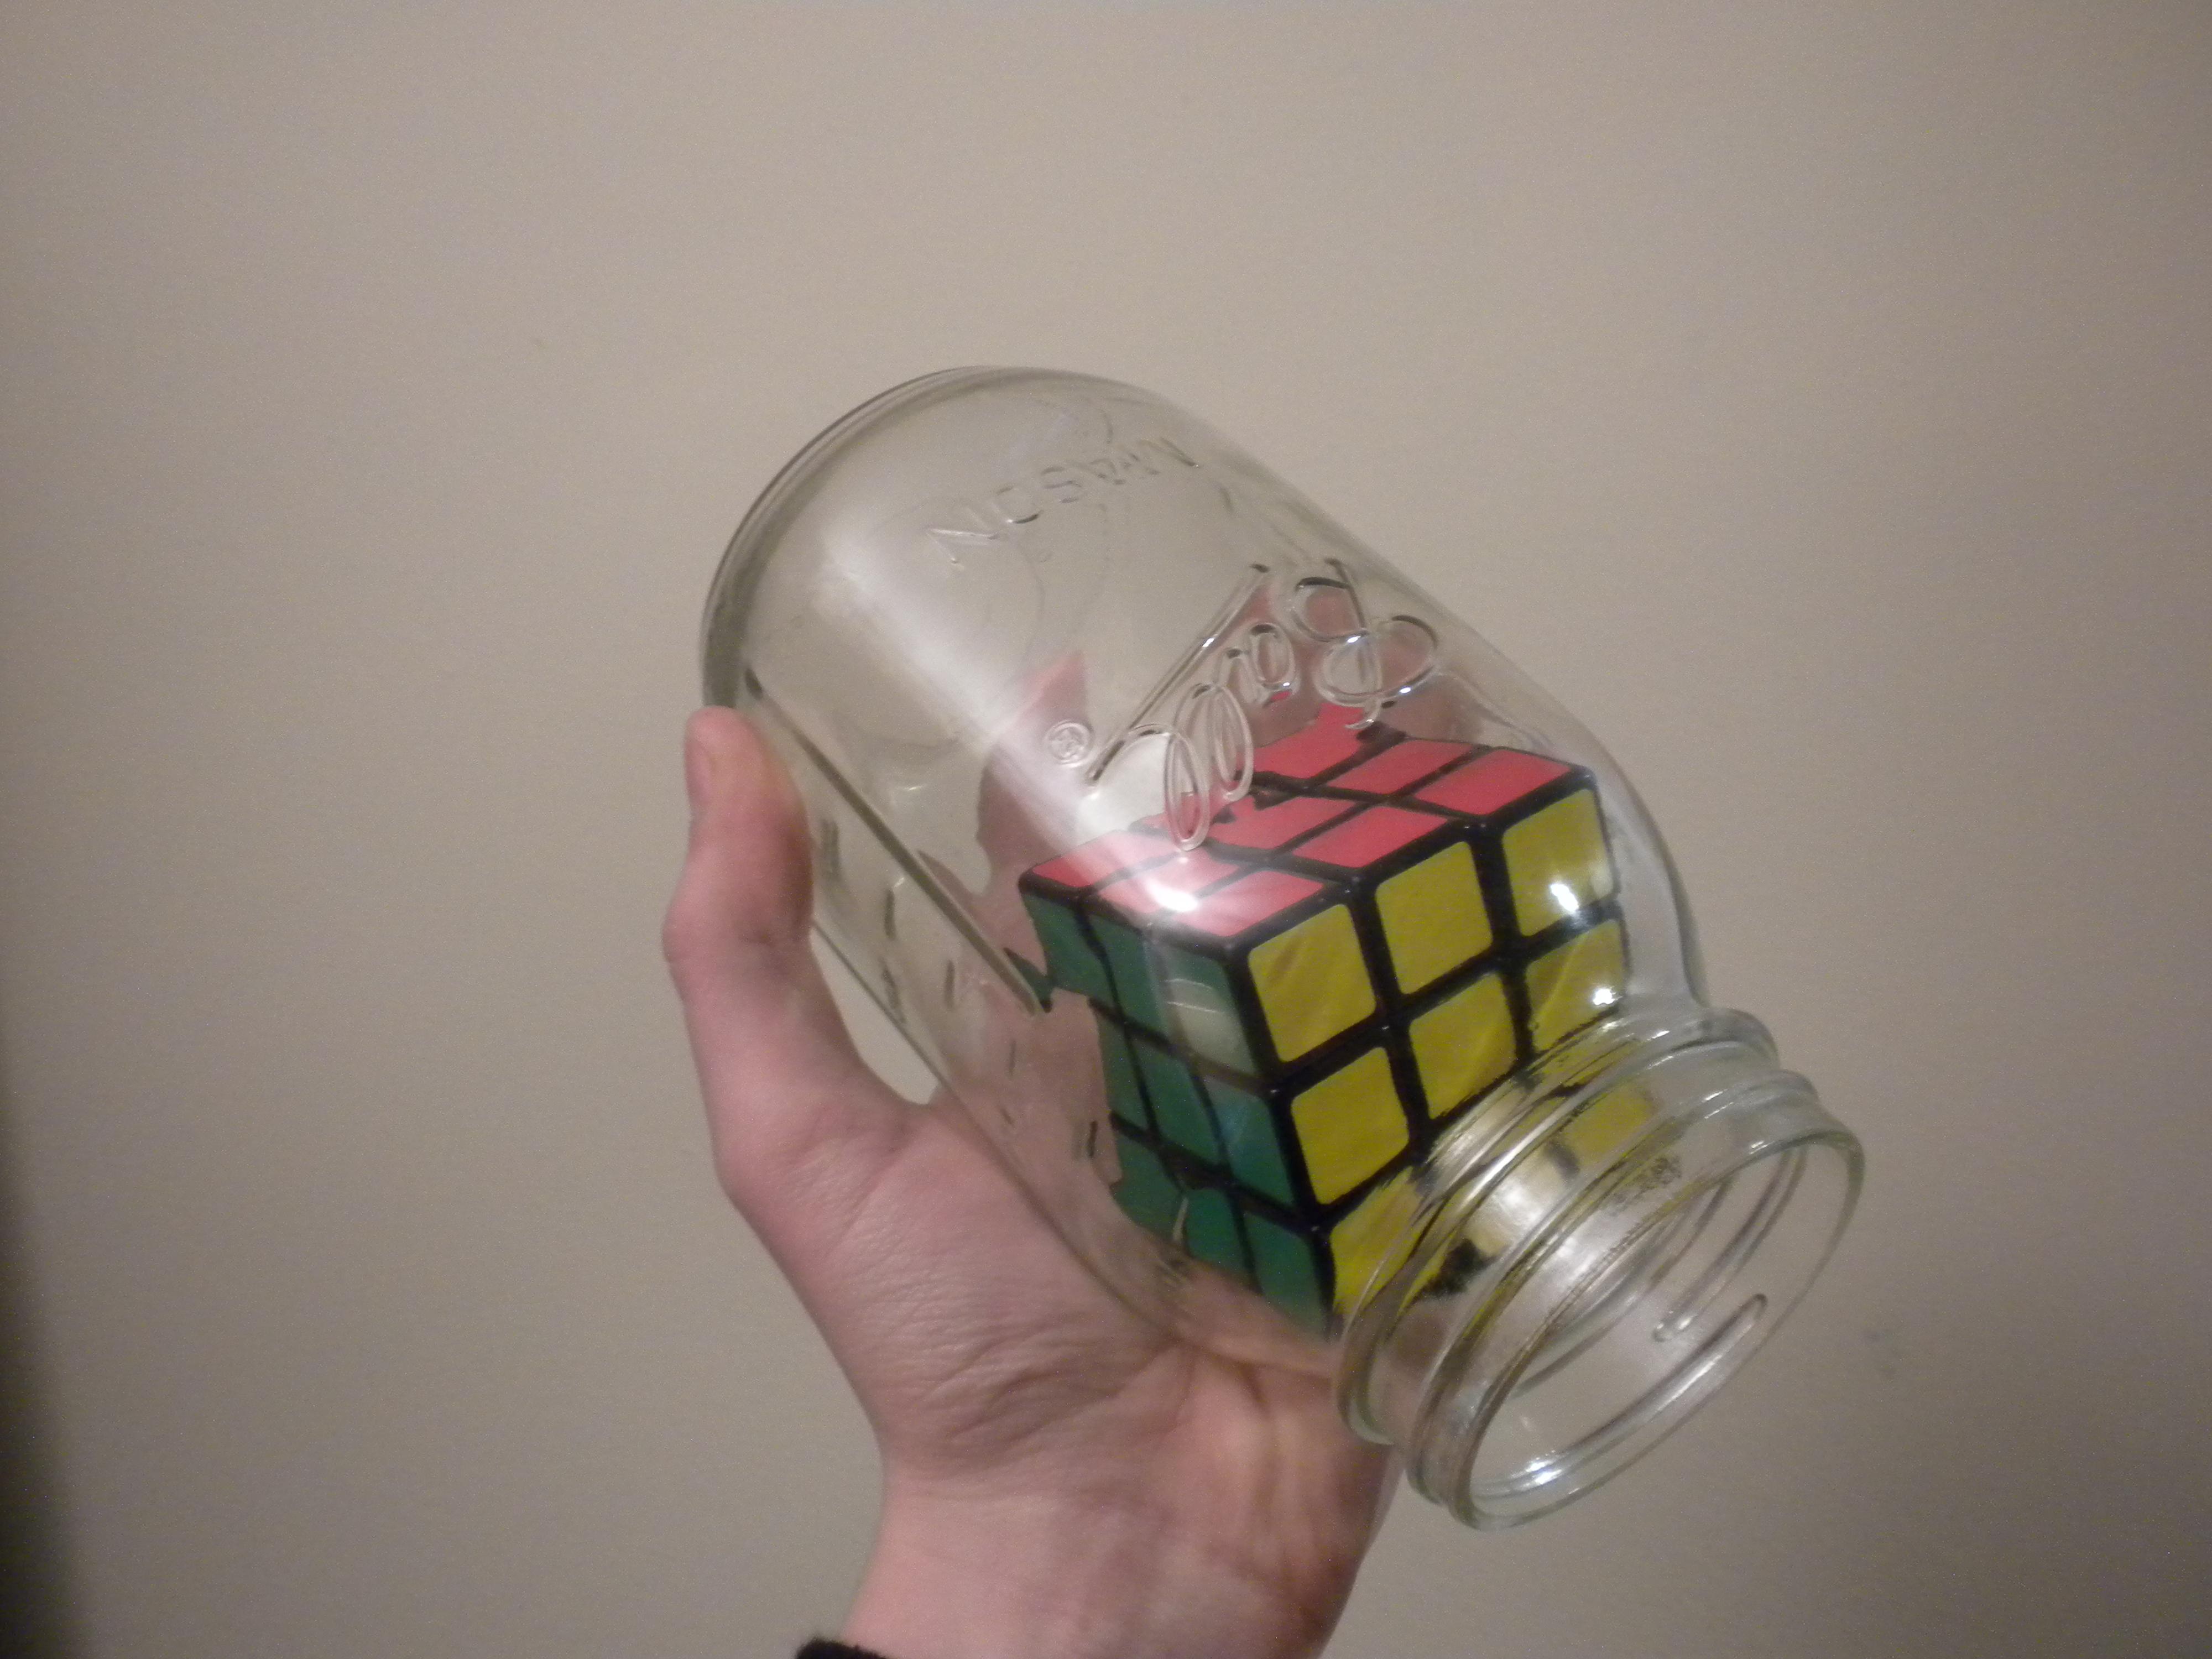 """""""impossible"""" Rubik's Cube in a bottle / jar"""